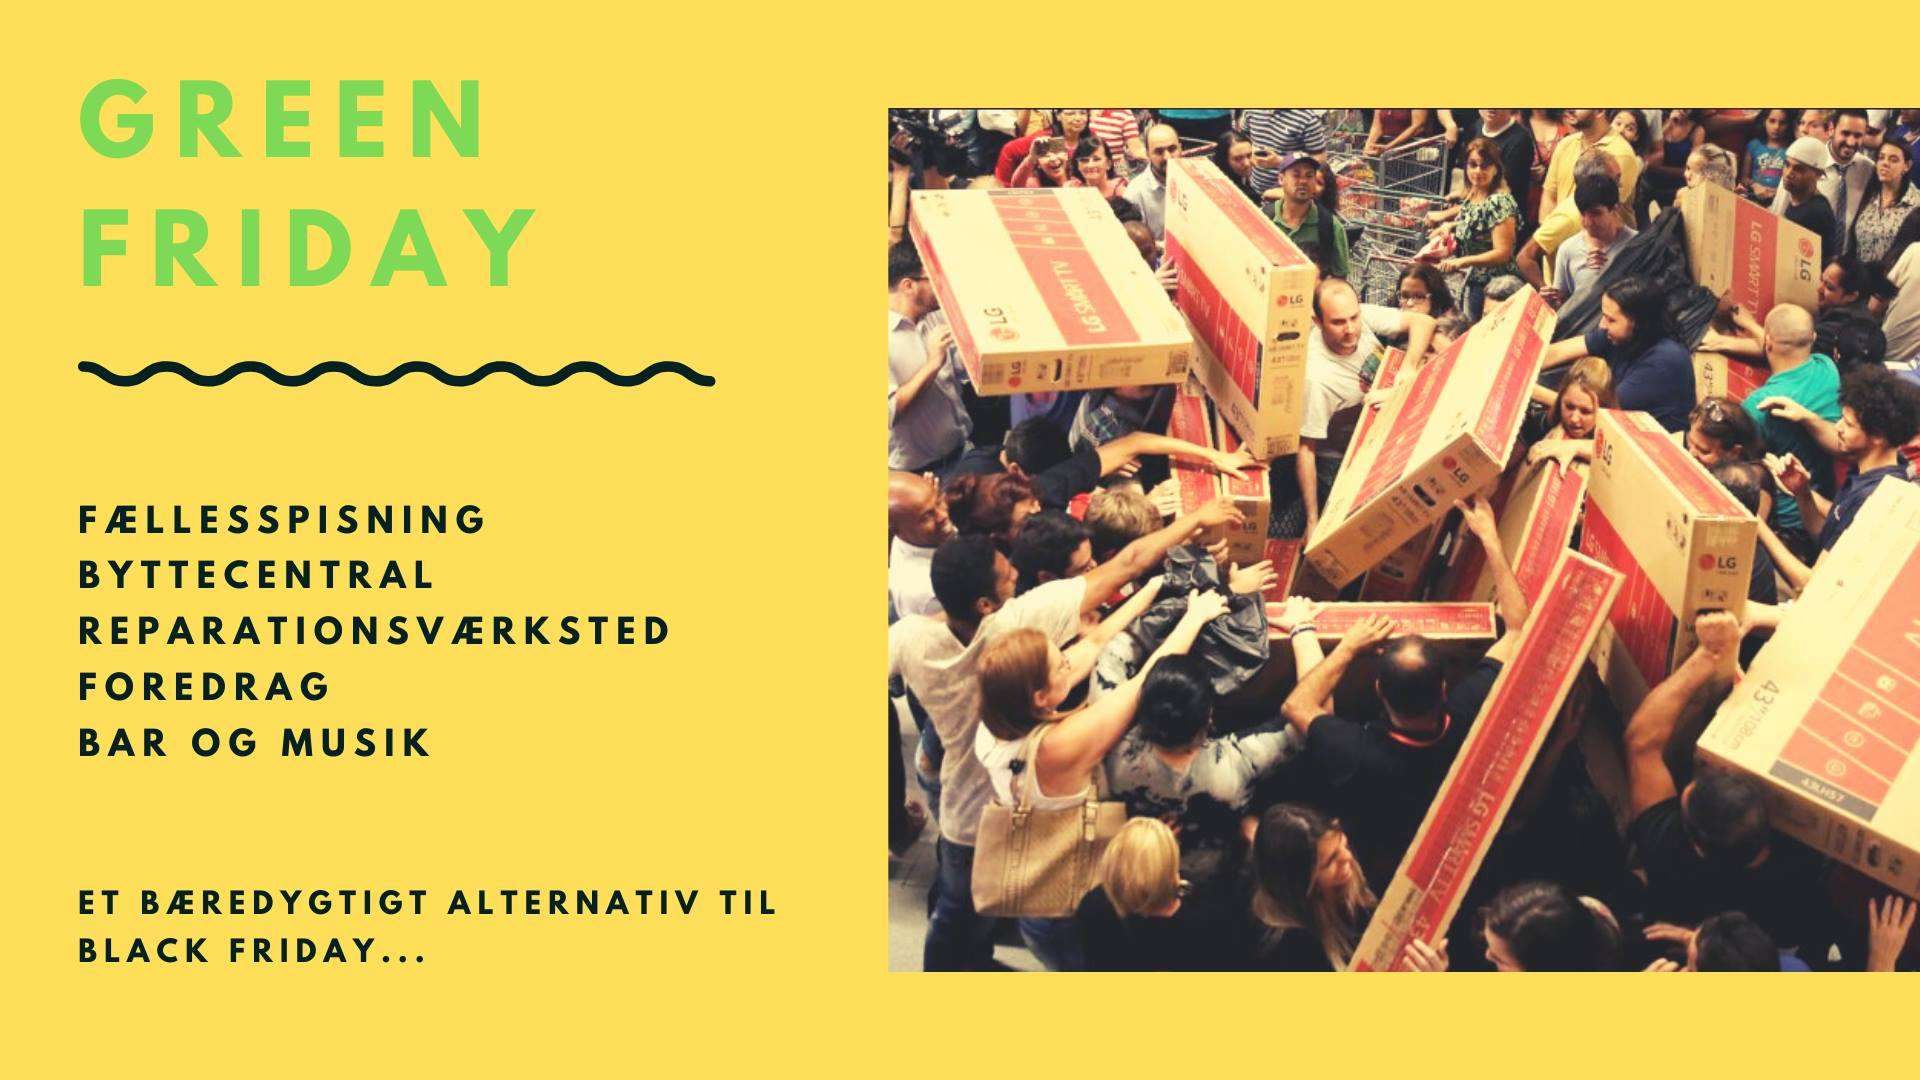 Green Friday- et bæredygtigt alternativ til Black Friday